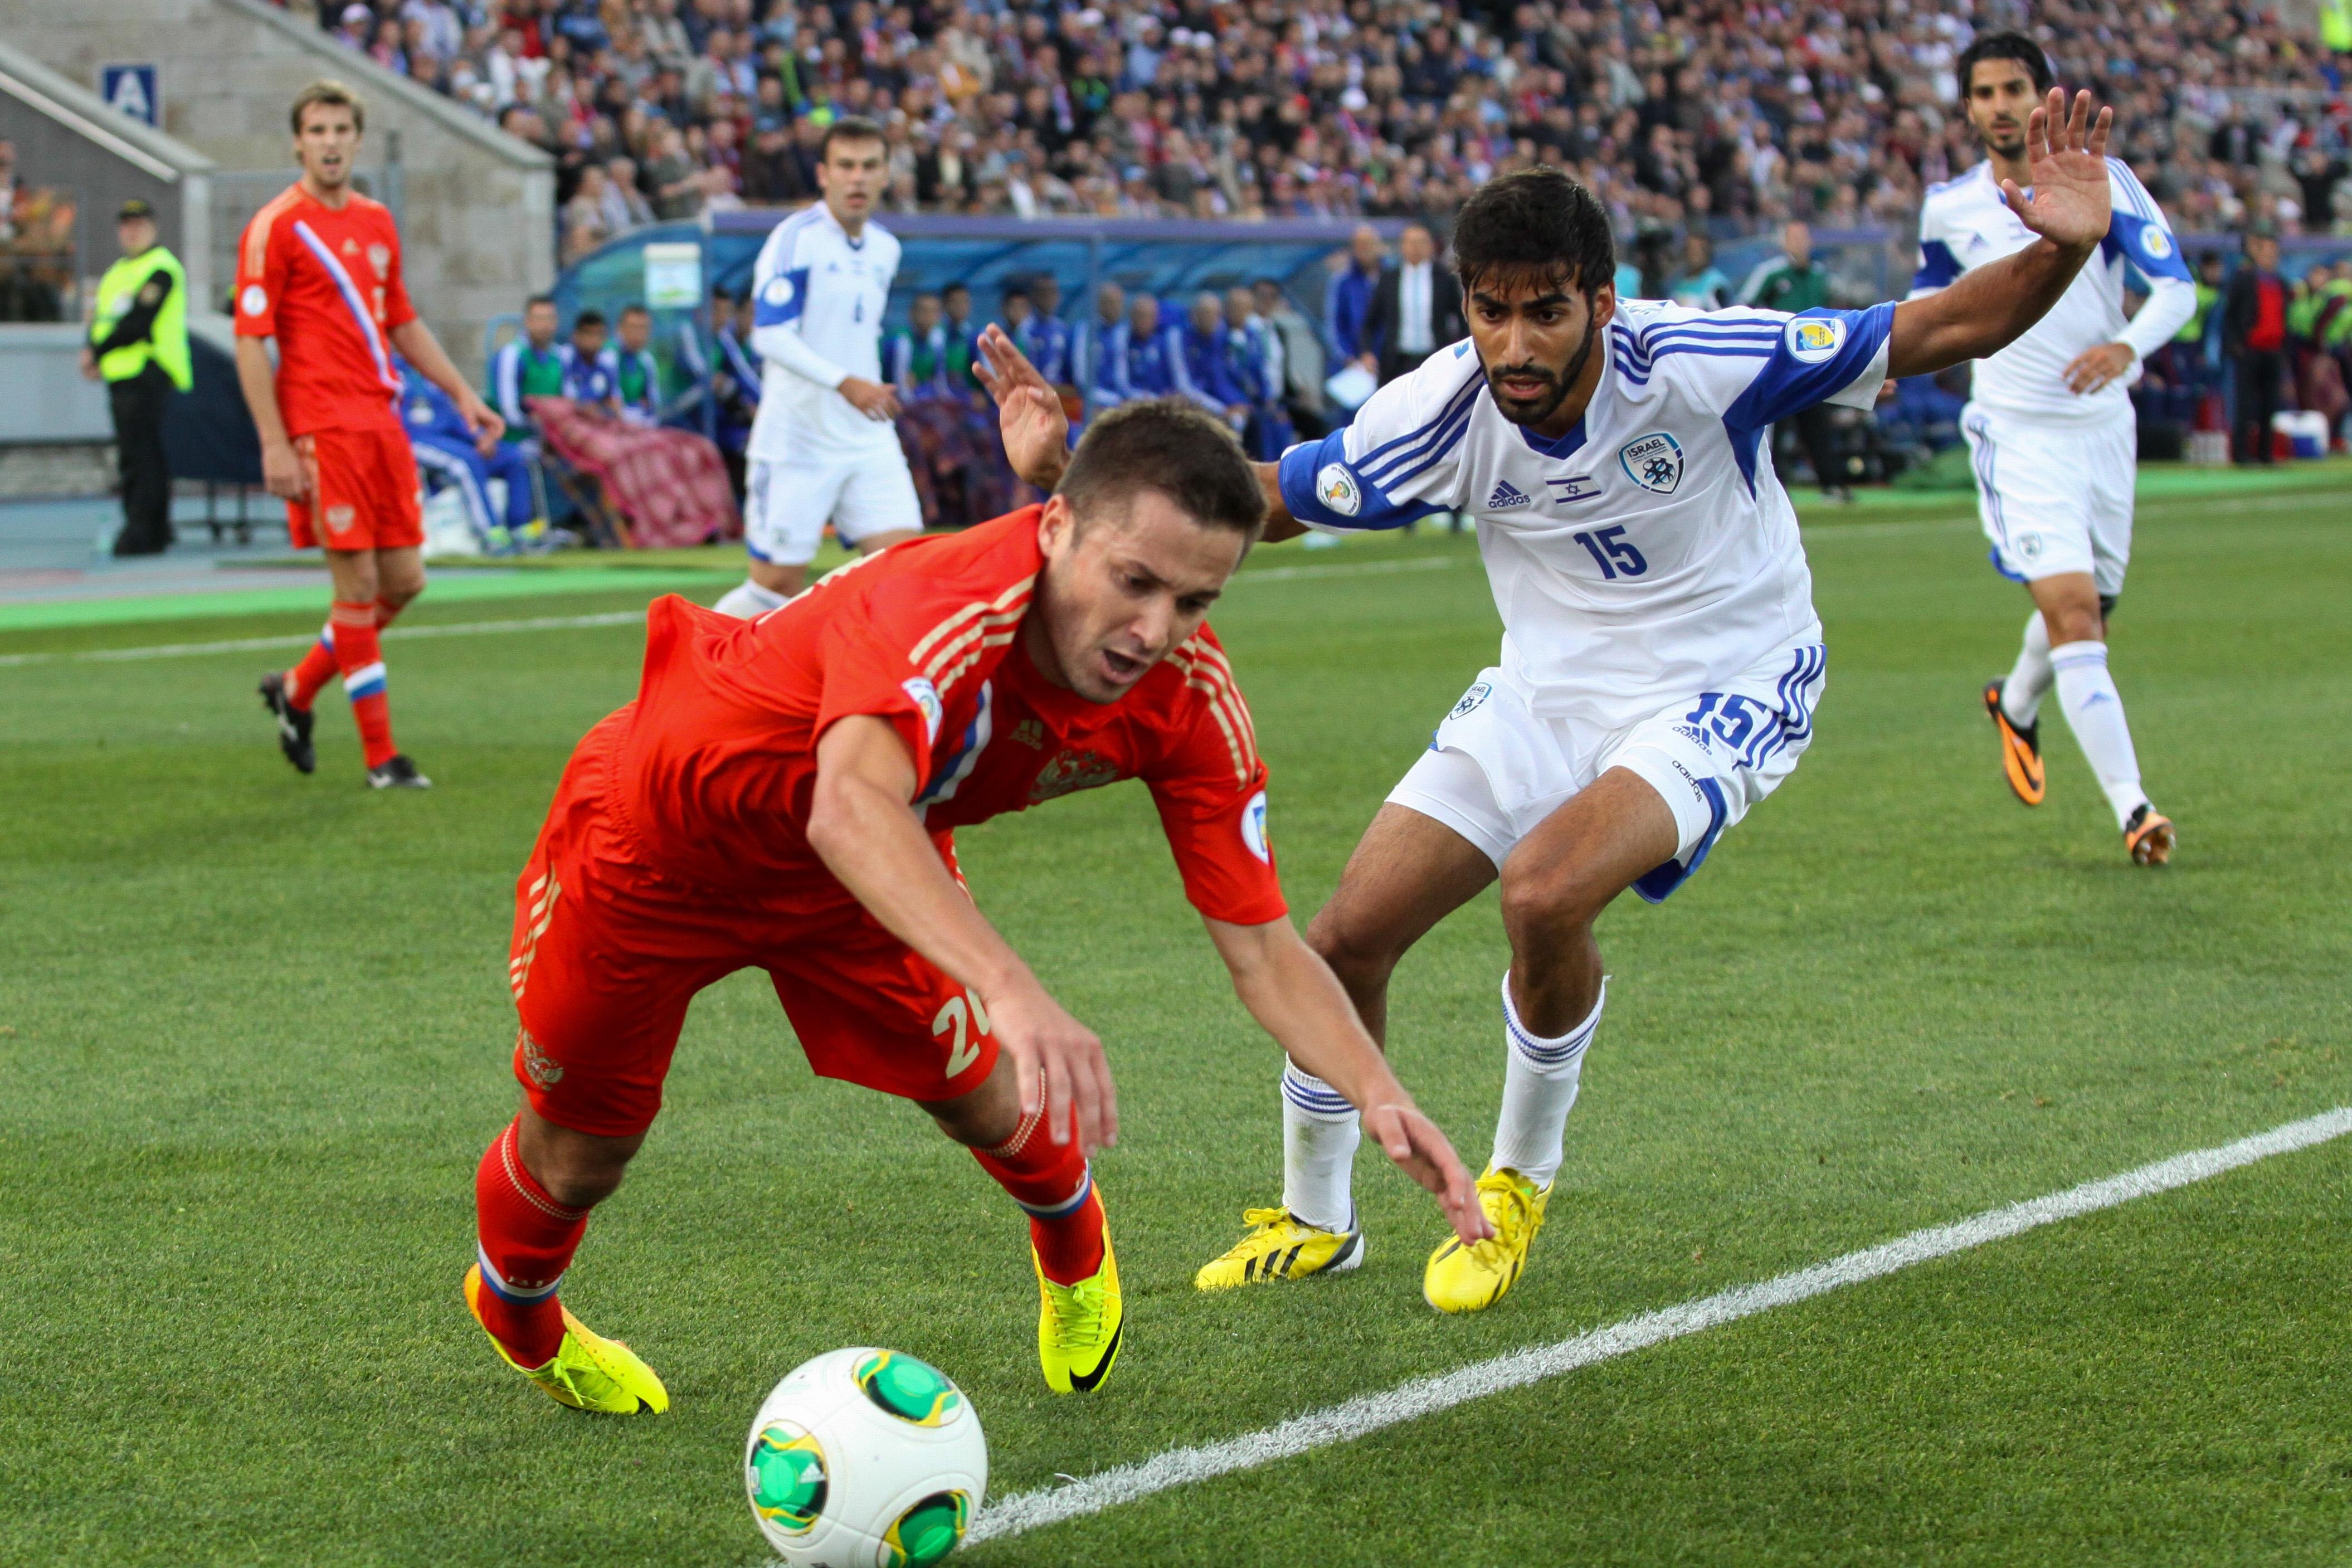 Топ-8 лучших кадров матча Россия — Израиль — 3:1